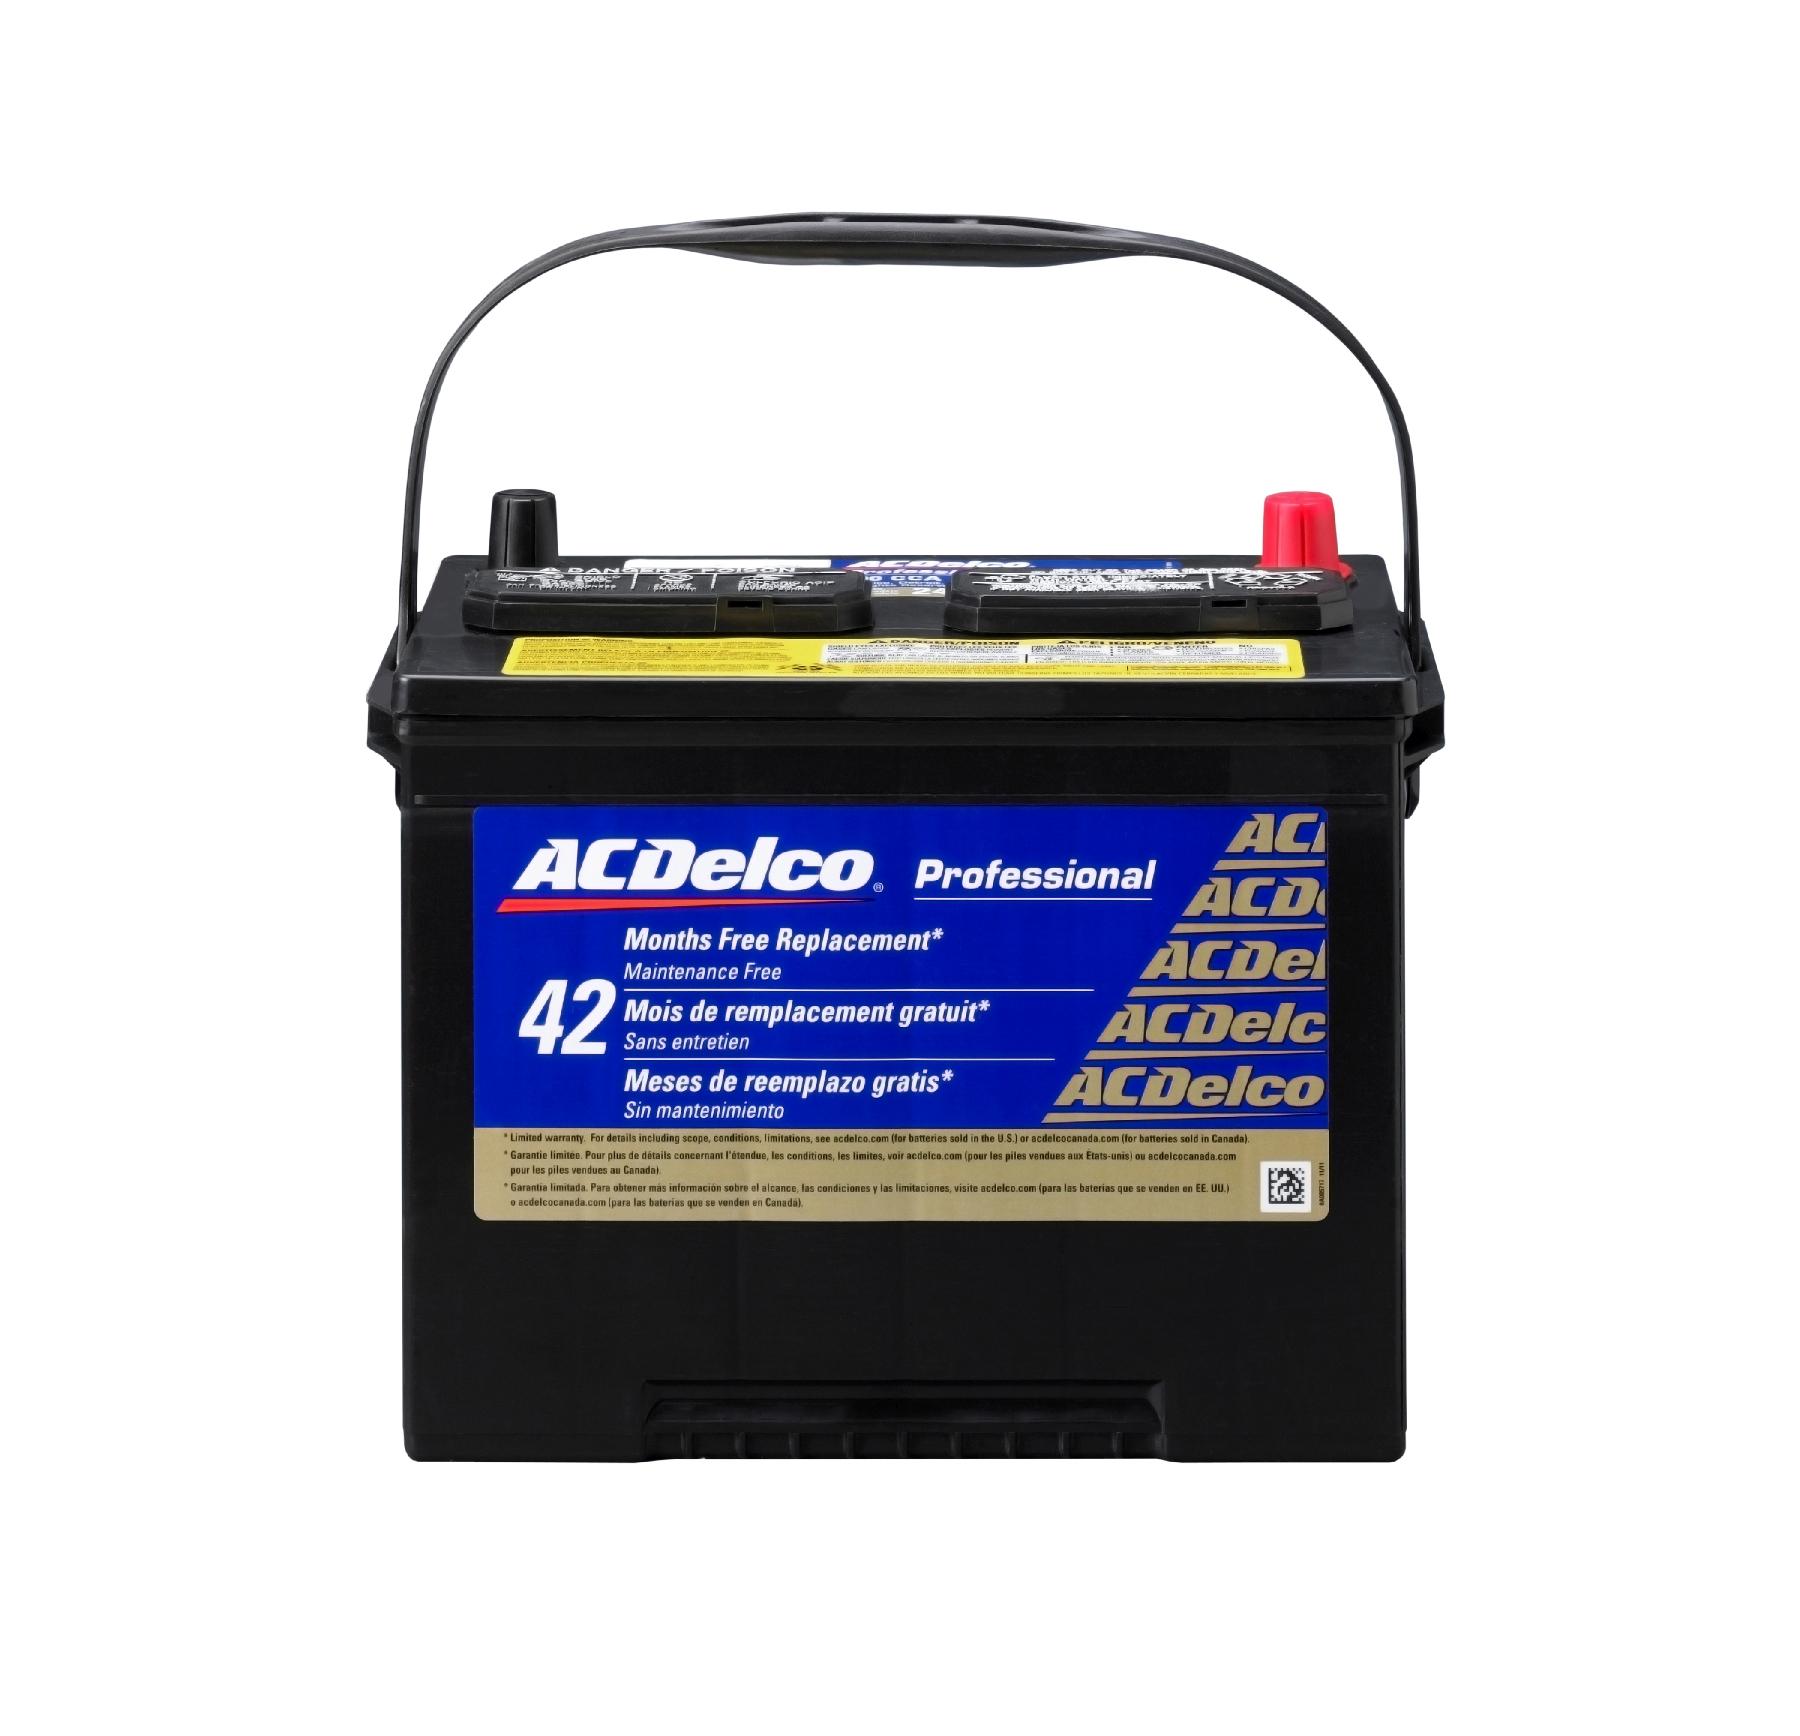 Imagen de Batería para Honda Accord 1999 Acura Legend 1992 Marca AC Delco Número de Parte #24PG